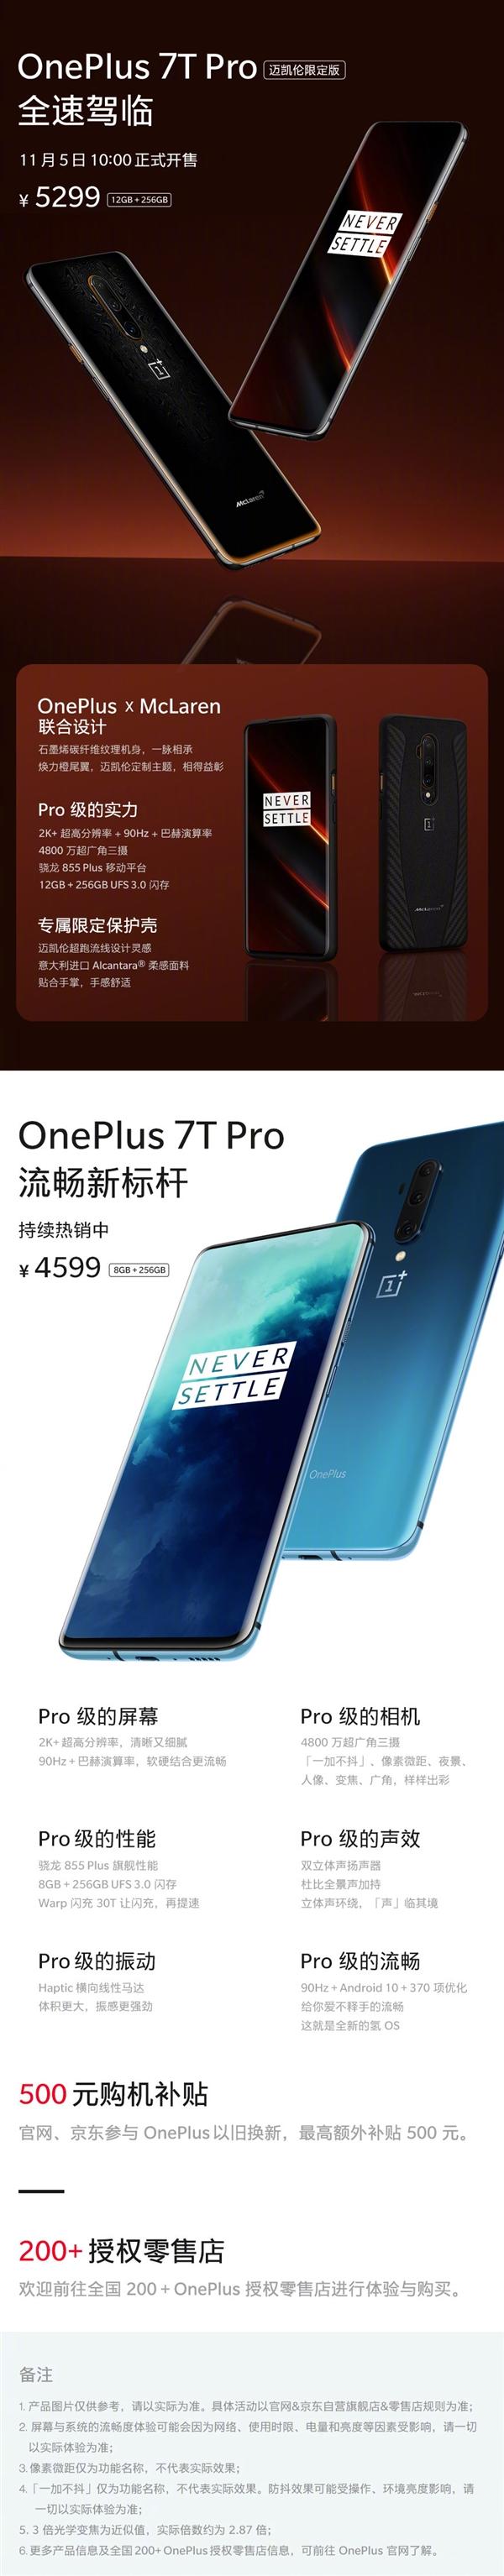 90Hz流体屏加持 一加7T Pro迈凯伦限定版来了:5299元